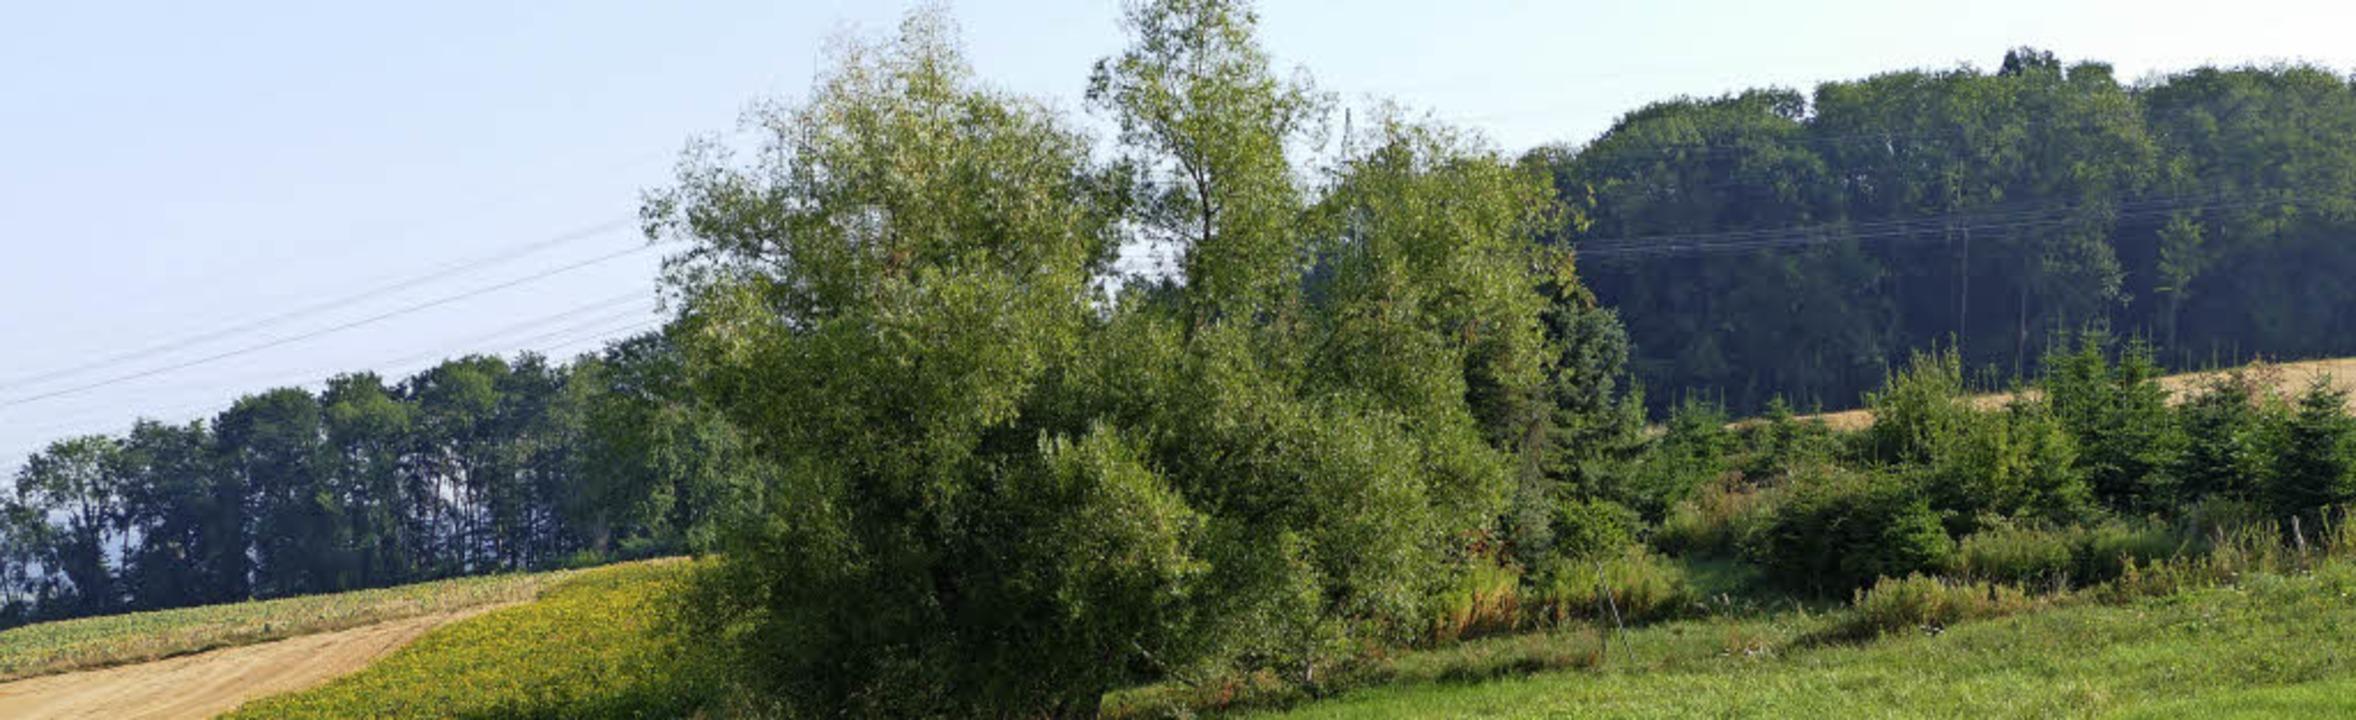 Bisher hatte Rümmingen nicht viel Wald...Waldfläche durch Zukauf zu vergrößern.    Foto: Victoria Langelott